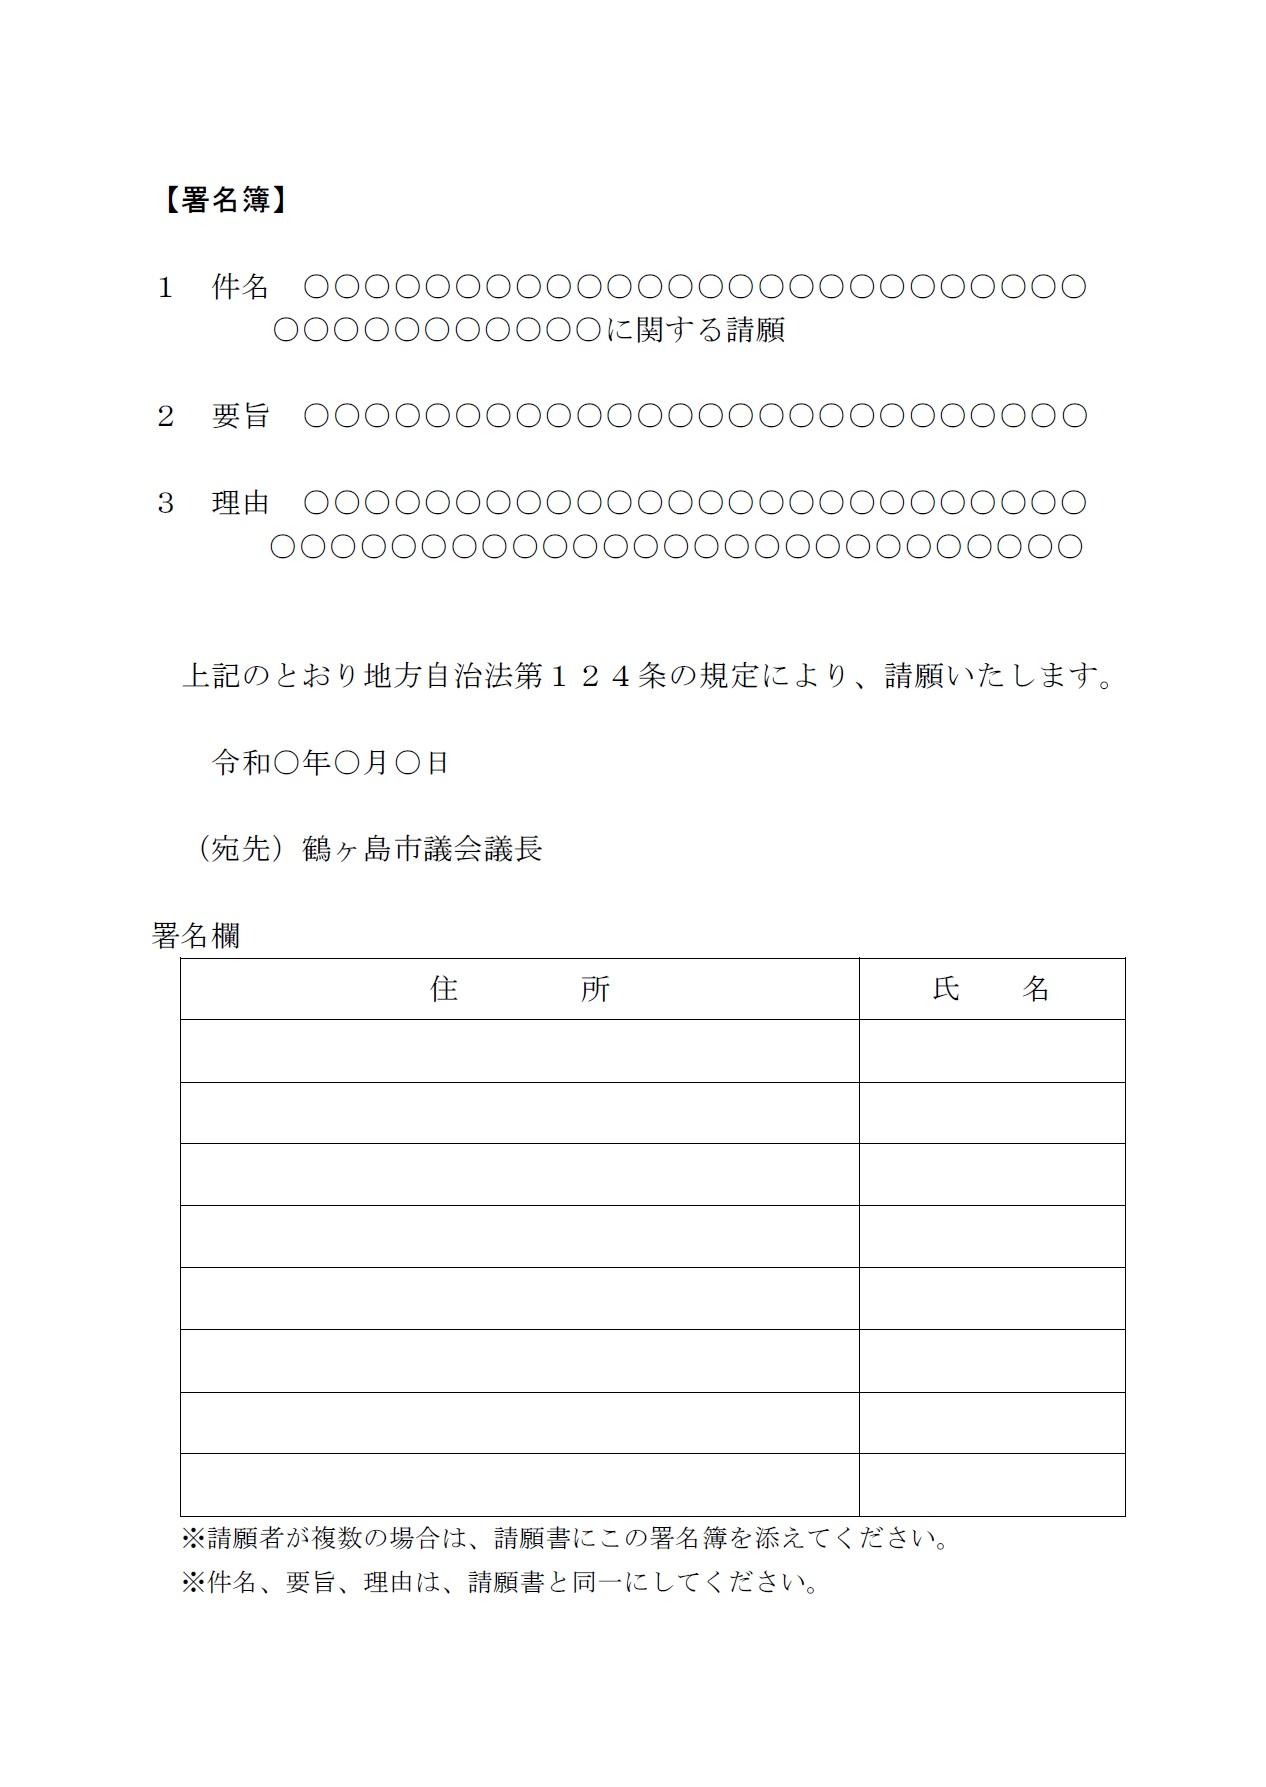 『請願書(署名簿)書式例』の画像